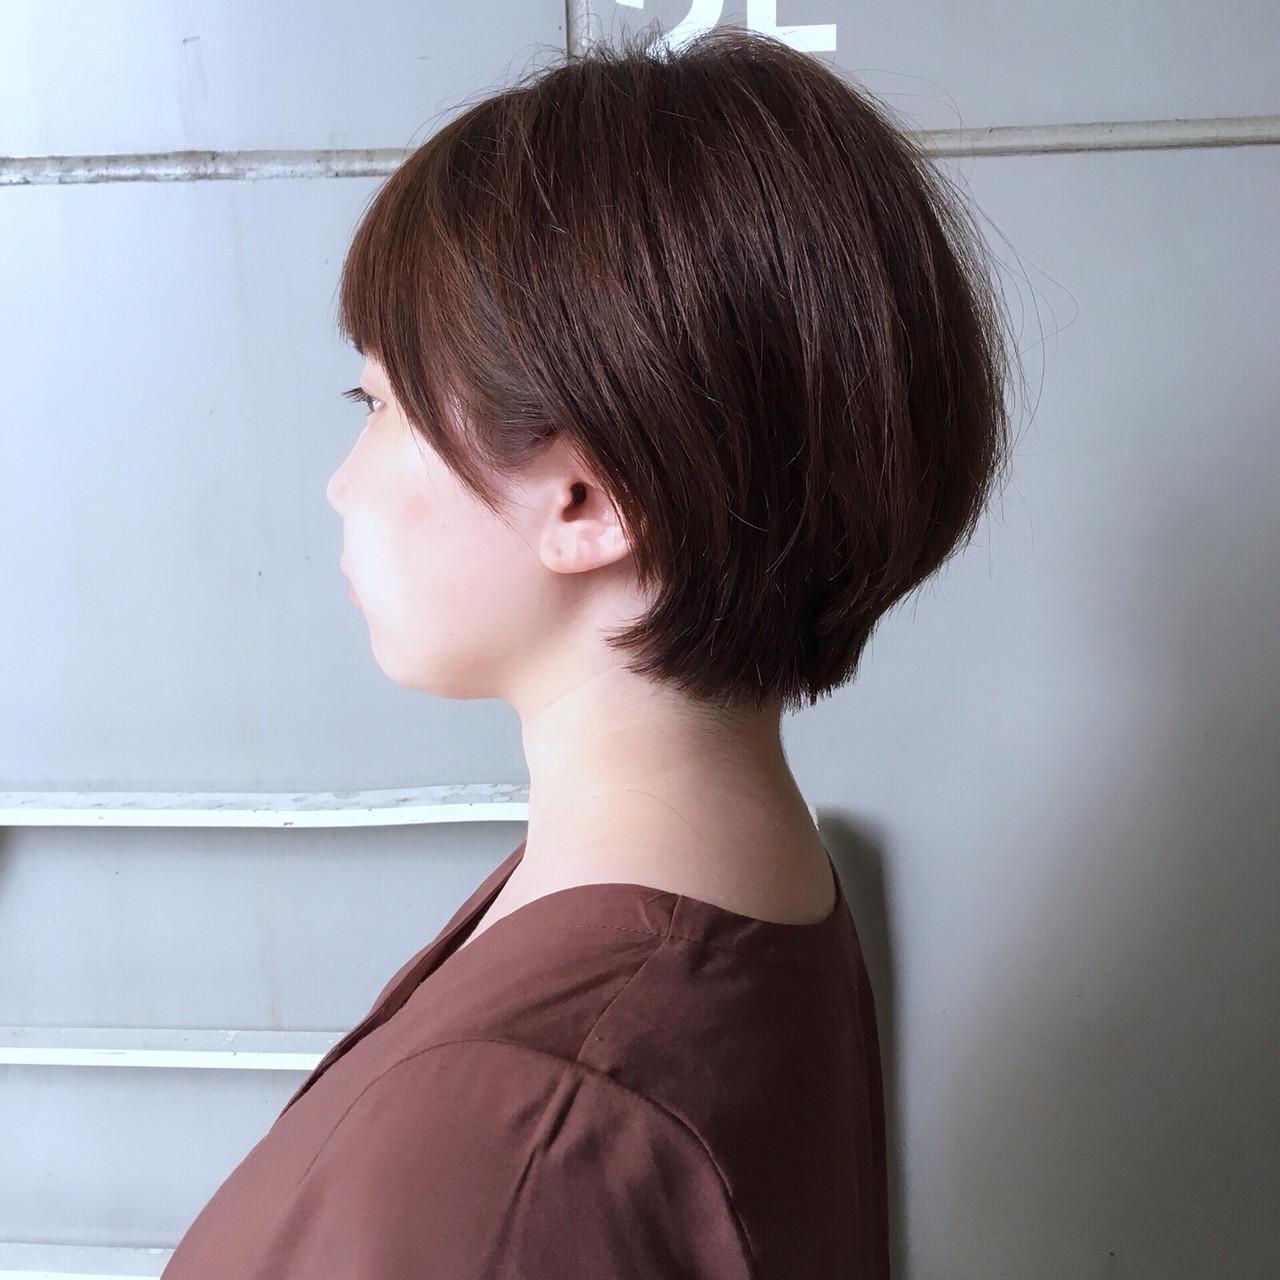 ショート ショートヘア マッシュショート ナチュラル ヘアスタイルや髪型の写真・画像 | Yumi Hiramatsu / Sourire Imaizumi【スーリール イマイズミ】